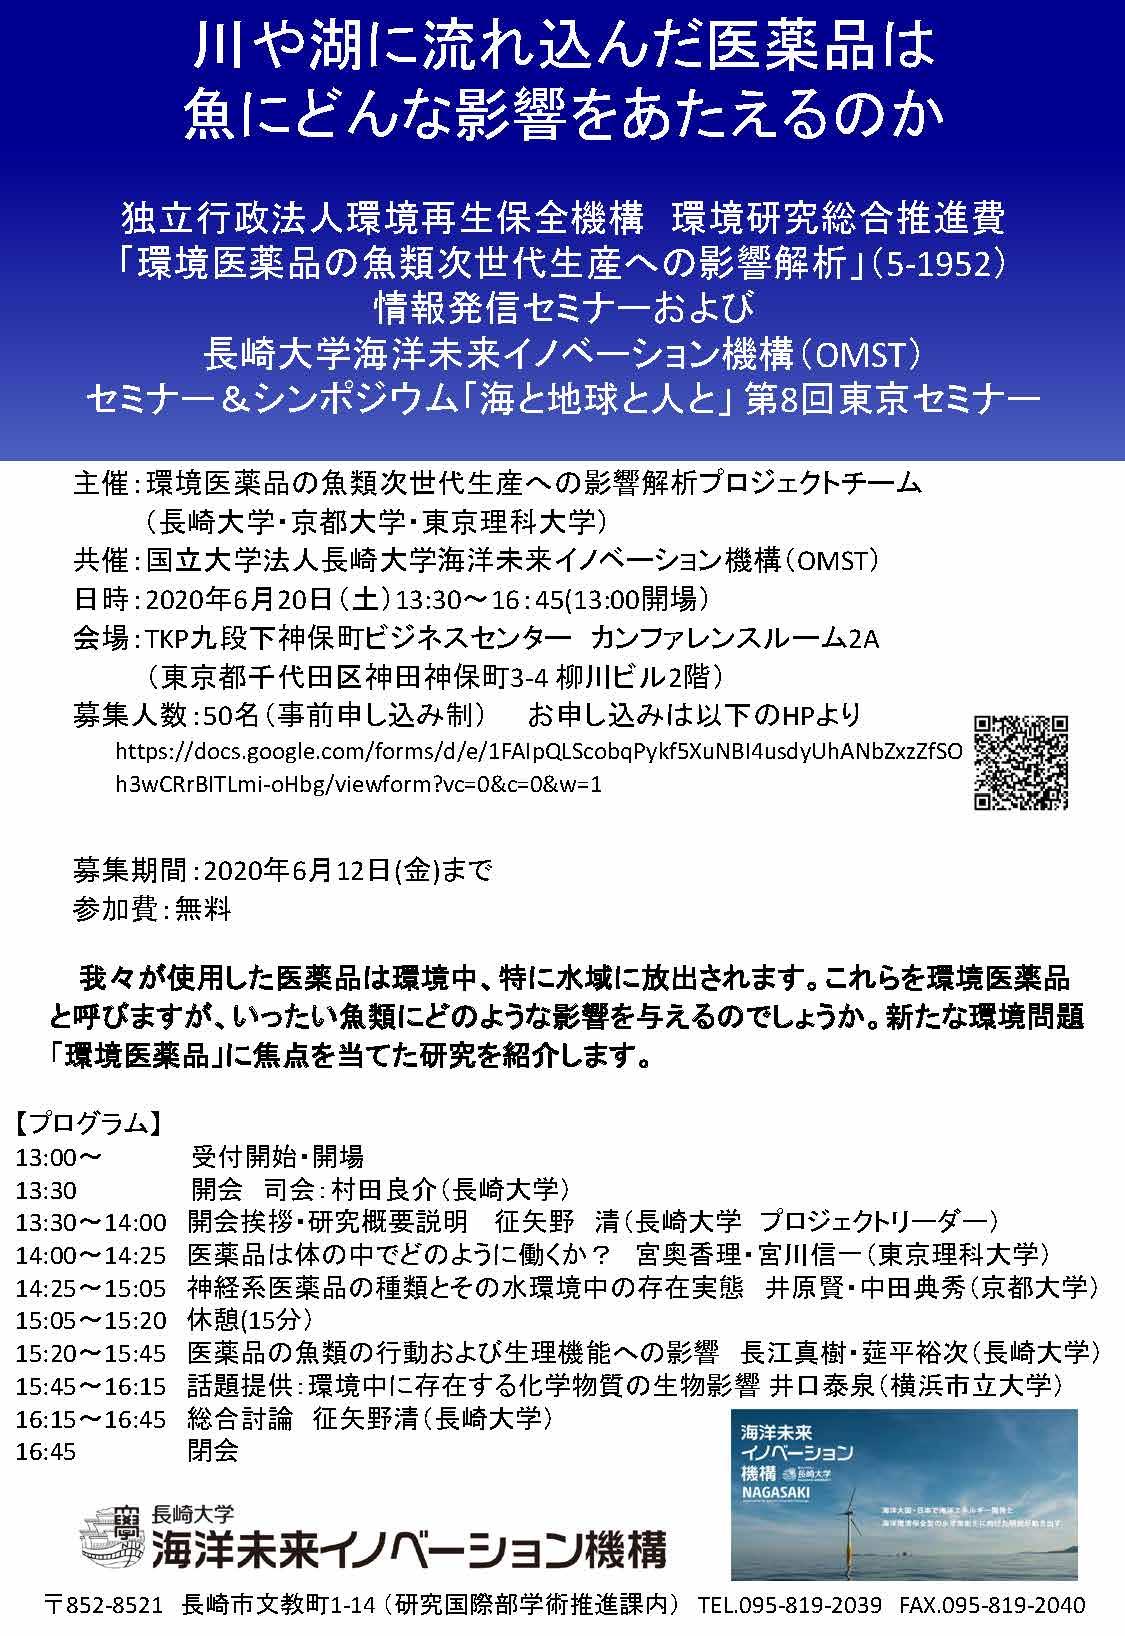 「環境医薬品の魚類次世代生産への影響解析(5-1952)」 情報発信セミナー